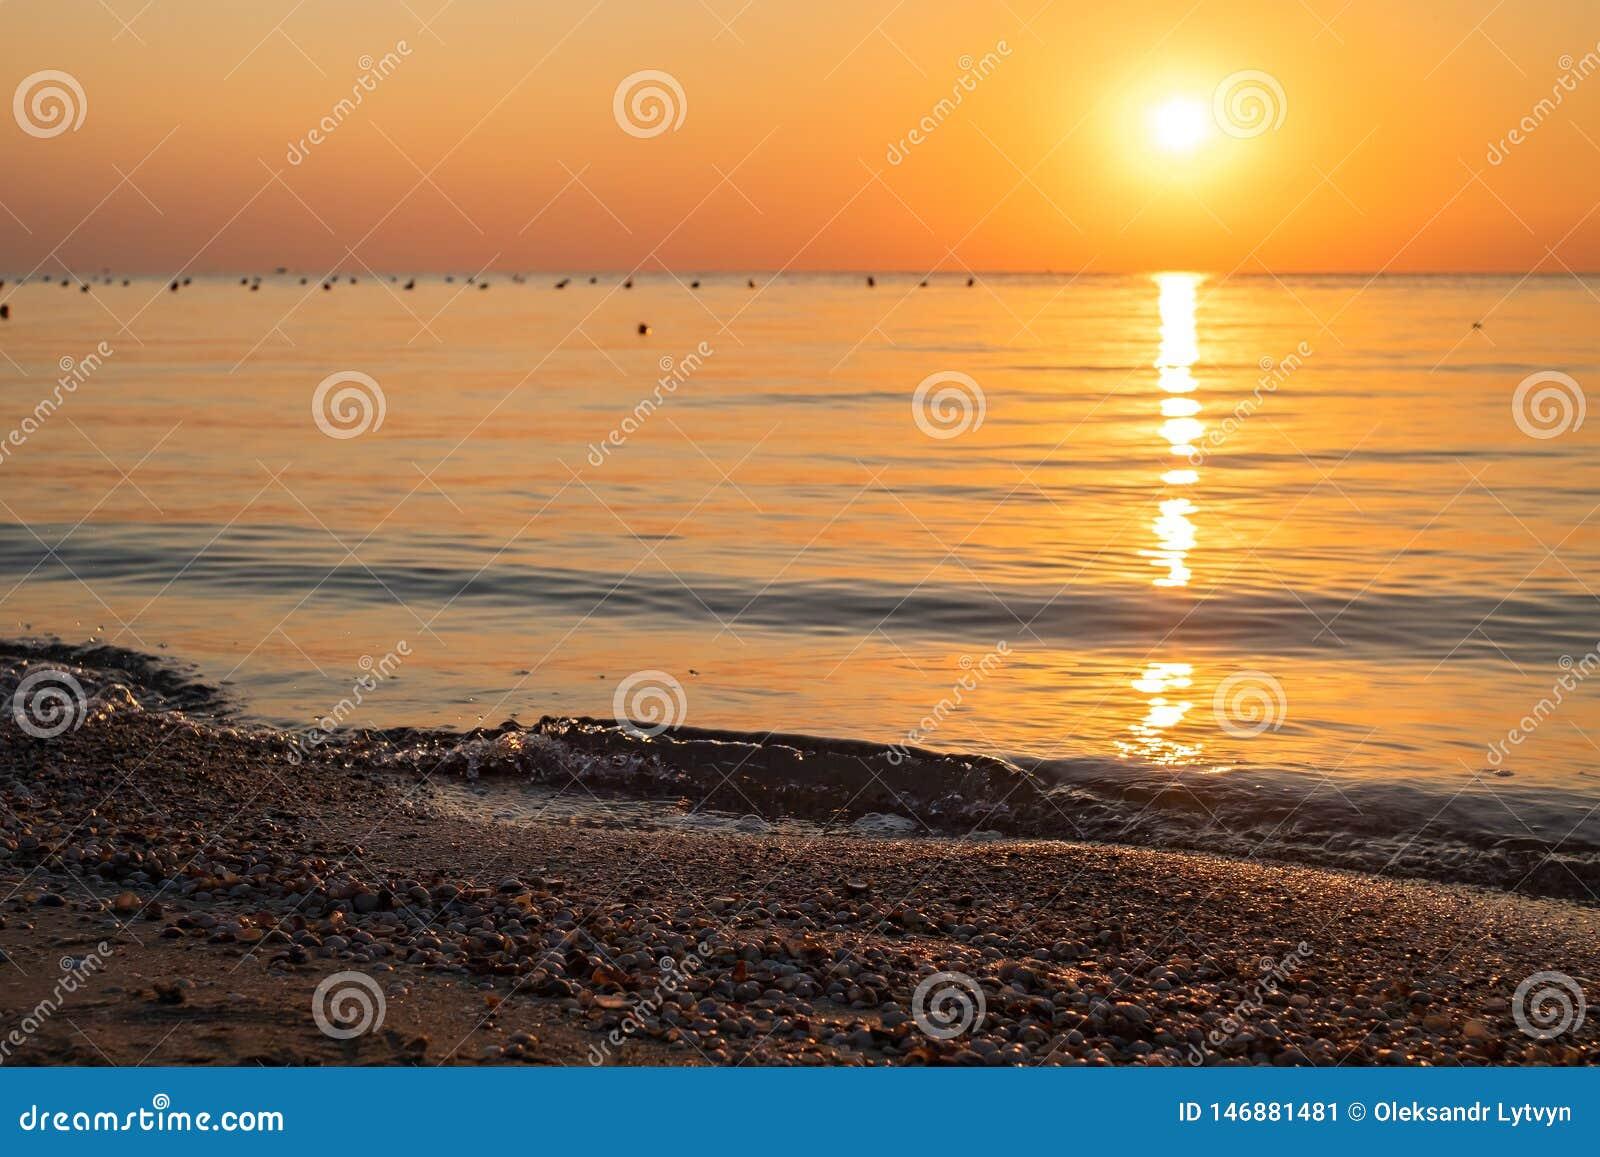 Zeeschelpen op het overzeese strand tegen de achtergrond van een kleurrijke dageraad Nadrukcontrole